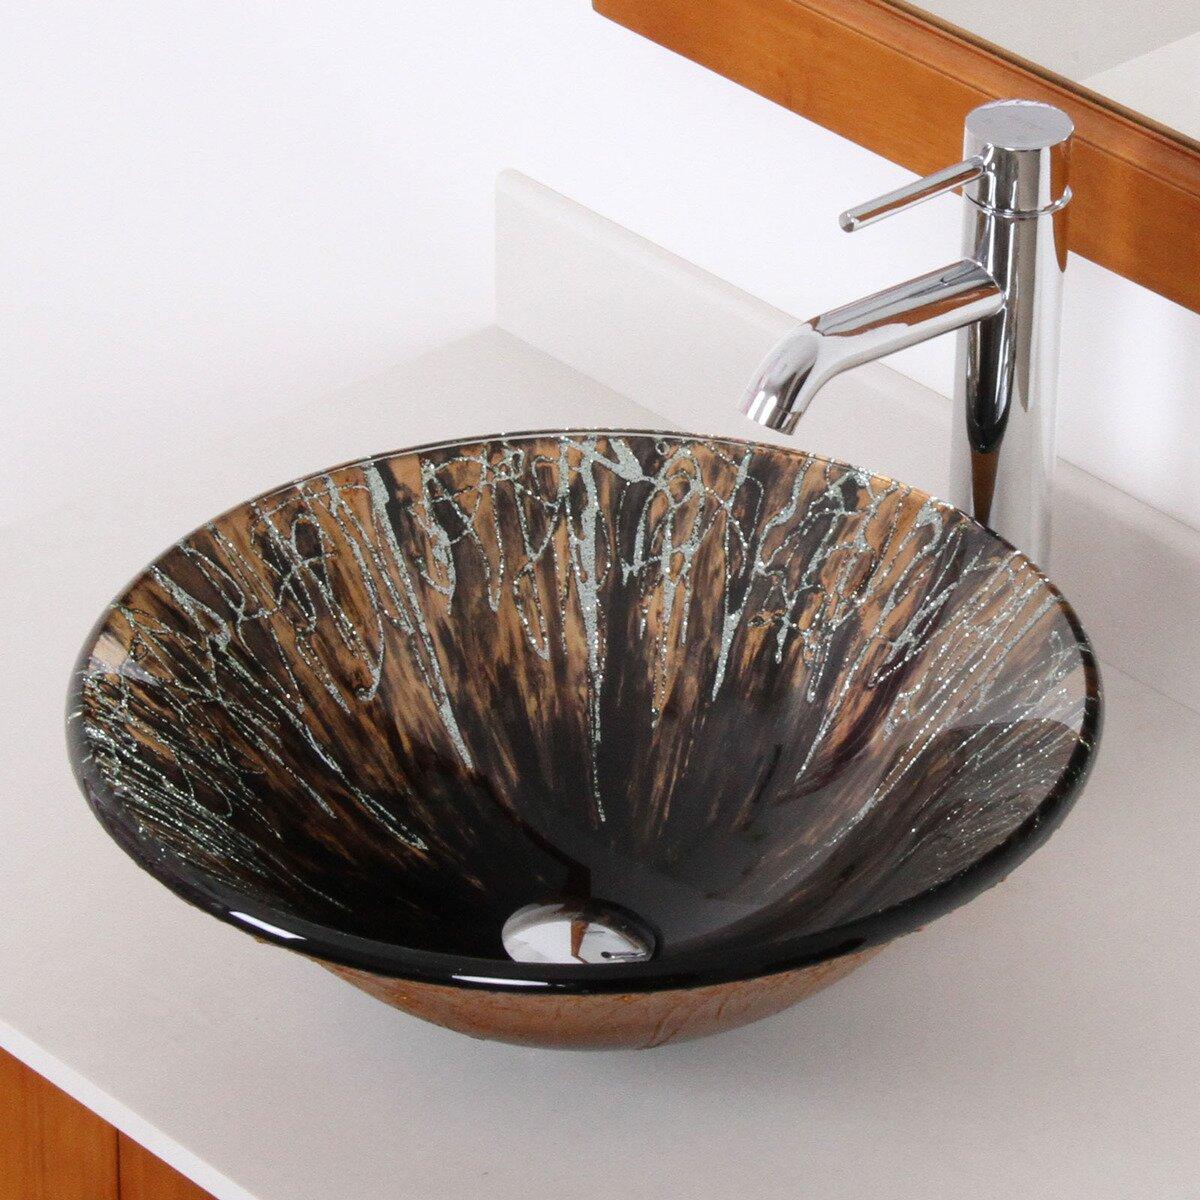 Elite Handcrafted Glass Fanfare Bowl Vessel Bathroom Sink